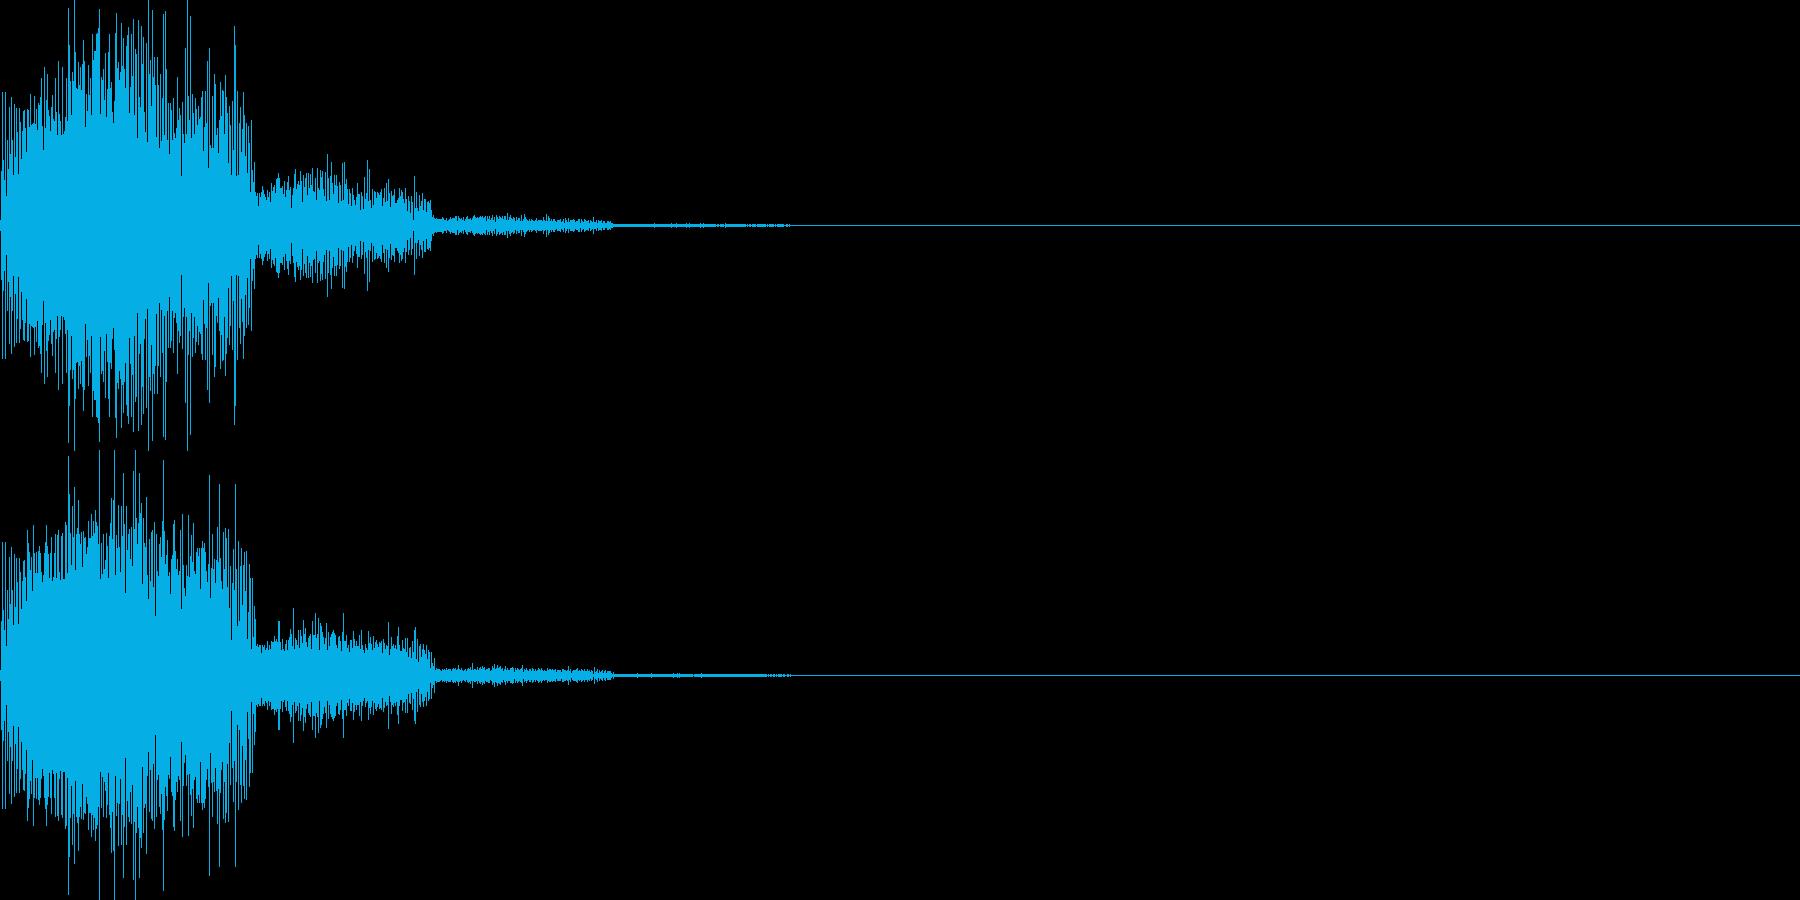 キャンセル音10(シンセ系Q)の再生済みの波形